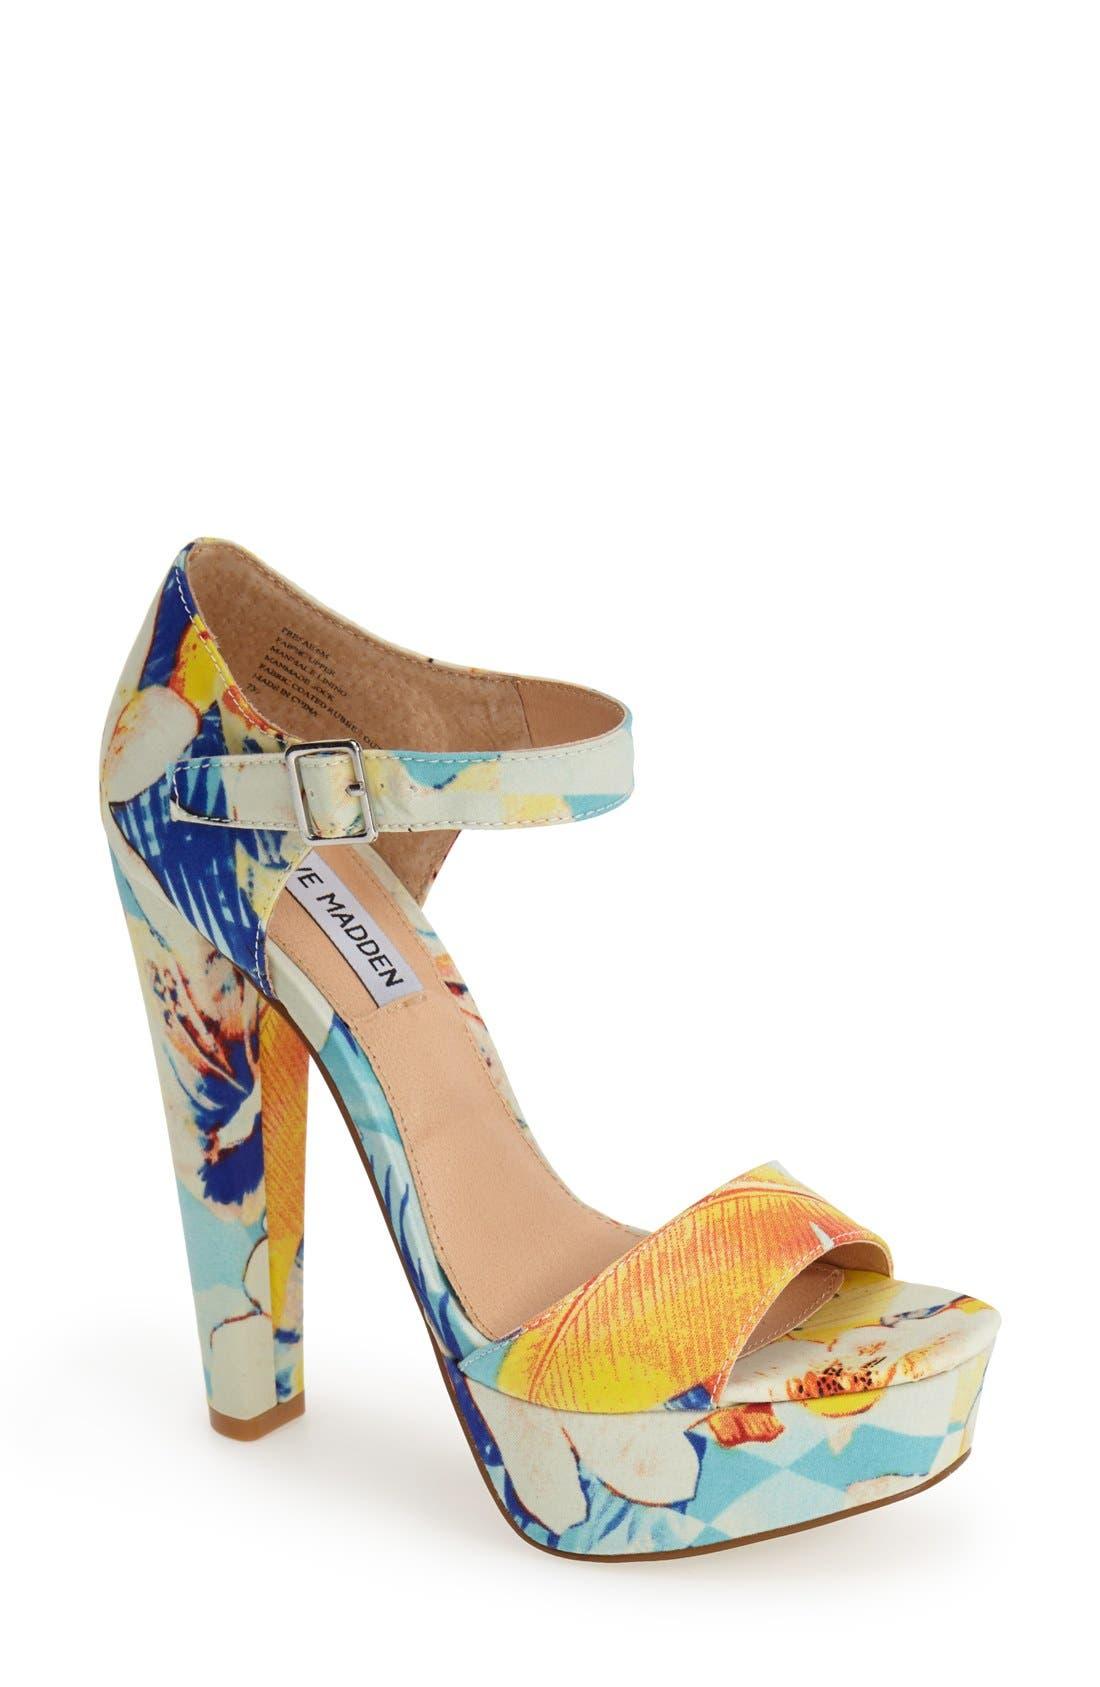 Main Image - Steve Madden 'Presae' Platform Sandal (Women)